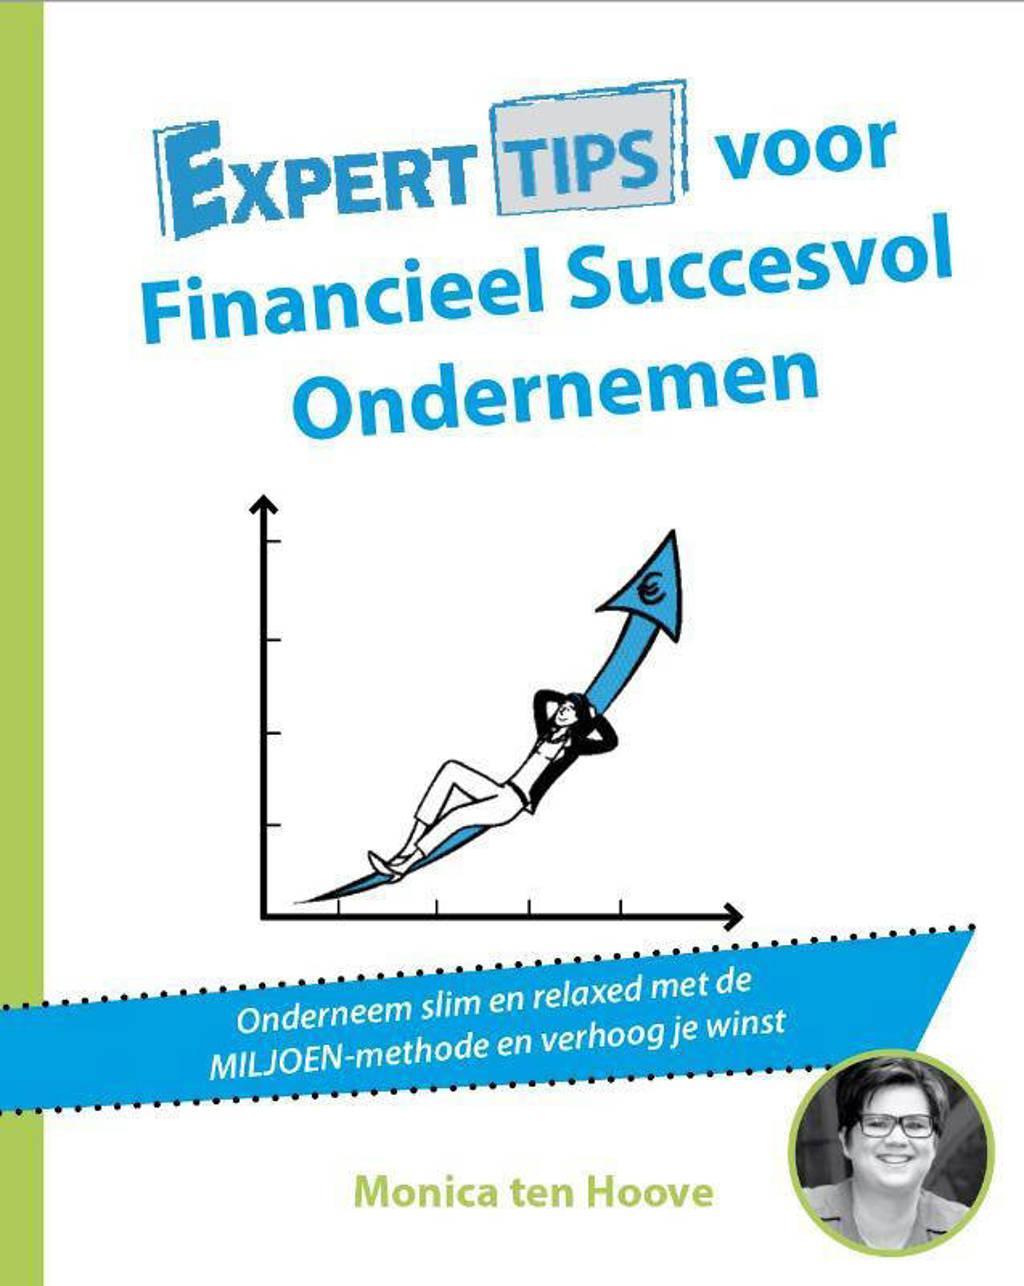 Experttips boekenserie: Experttips voor Financieel Succesvol Ondernemen - Monica ten Hoove